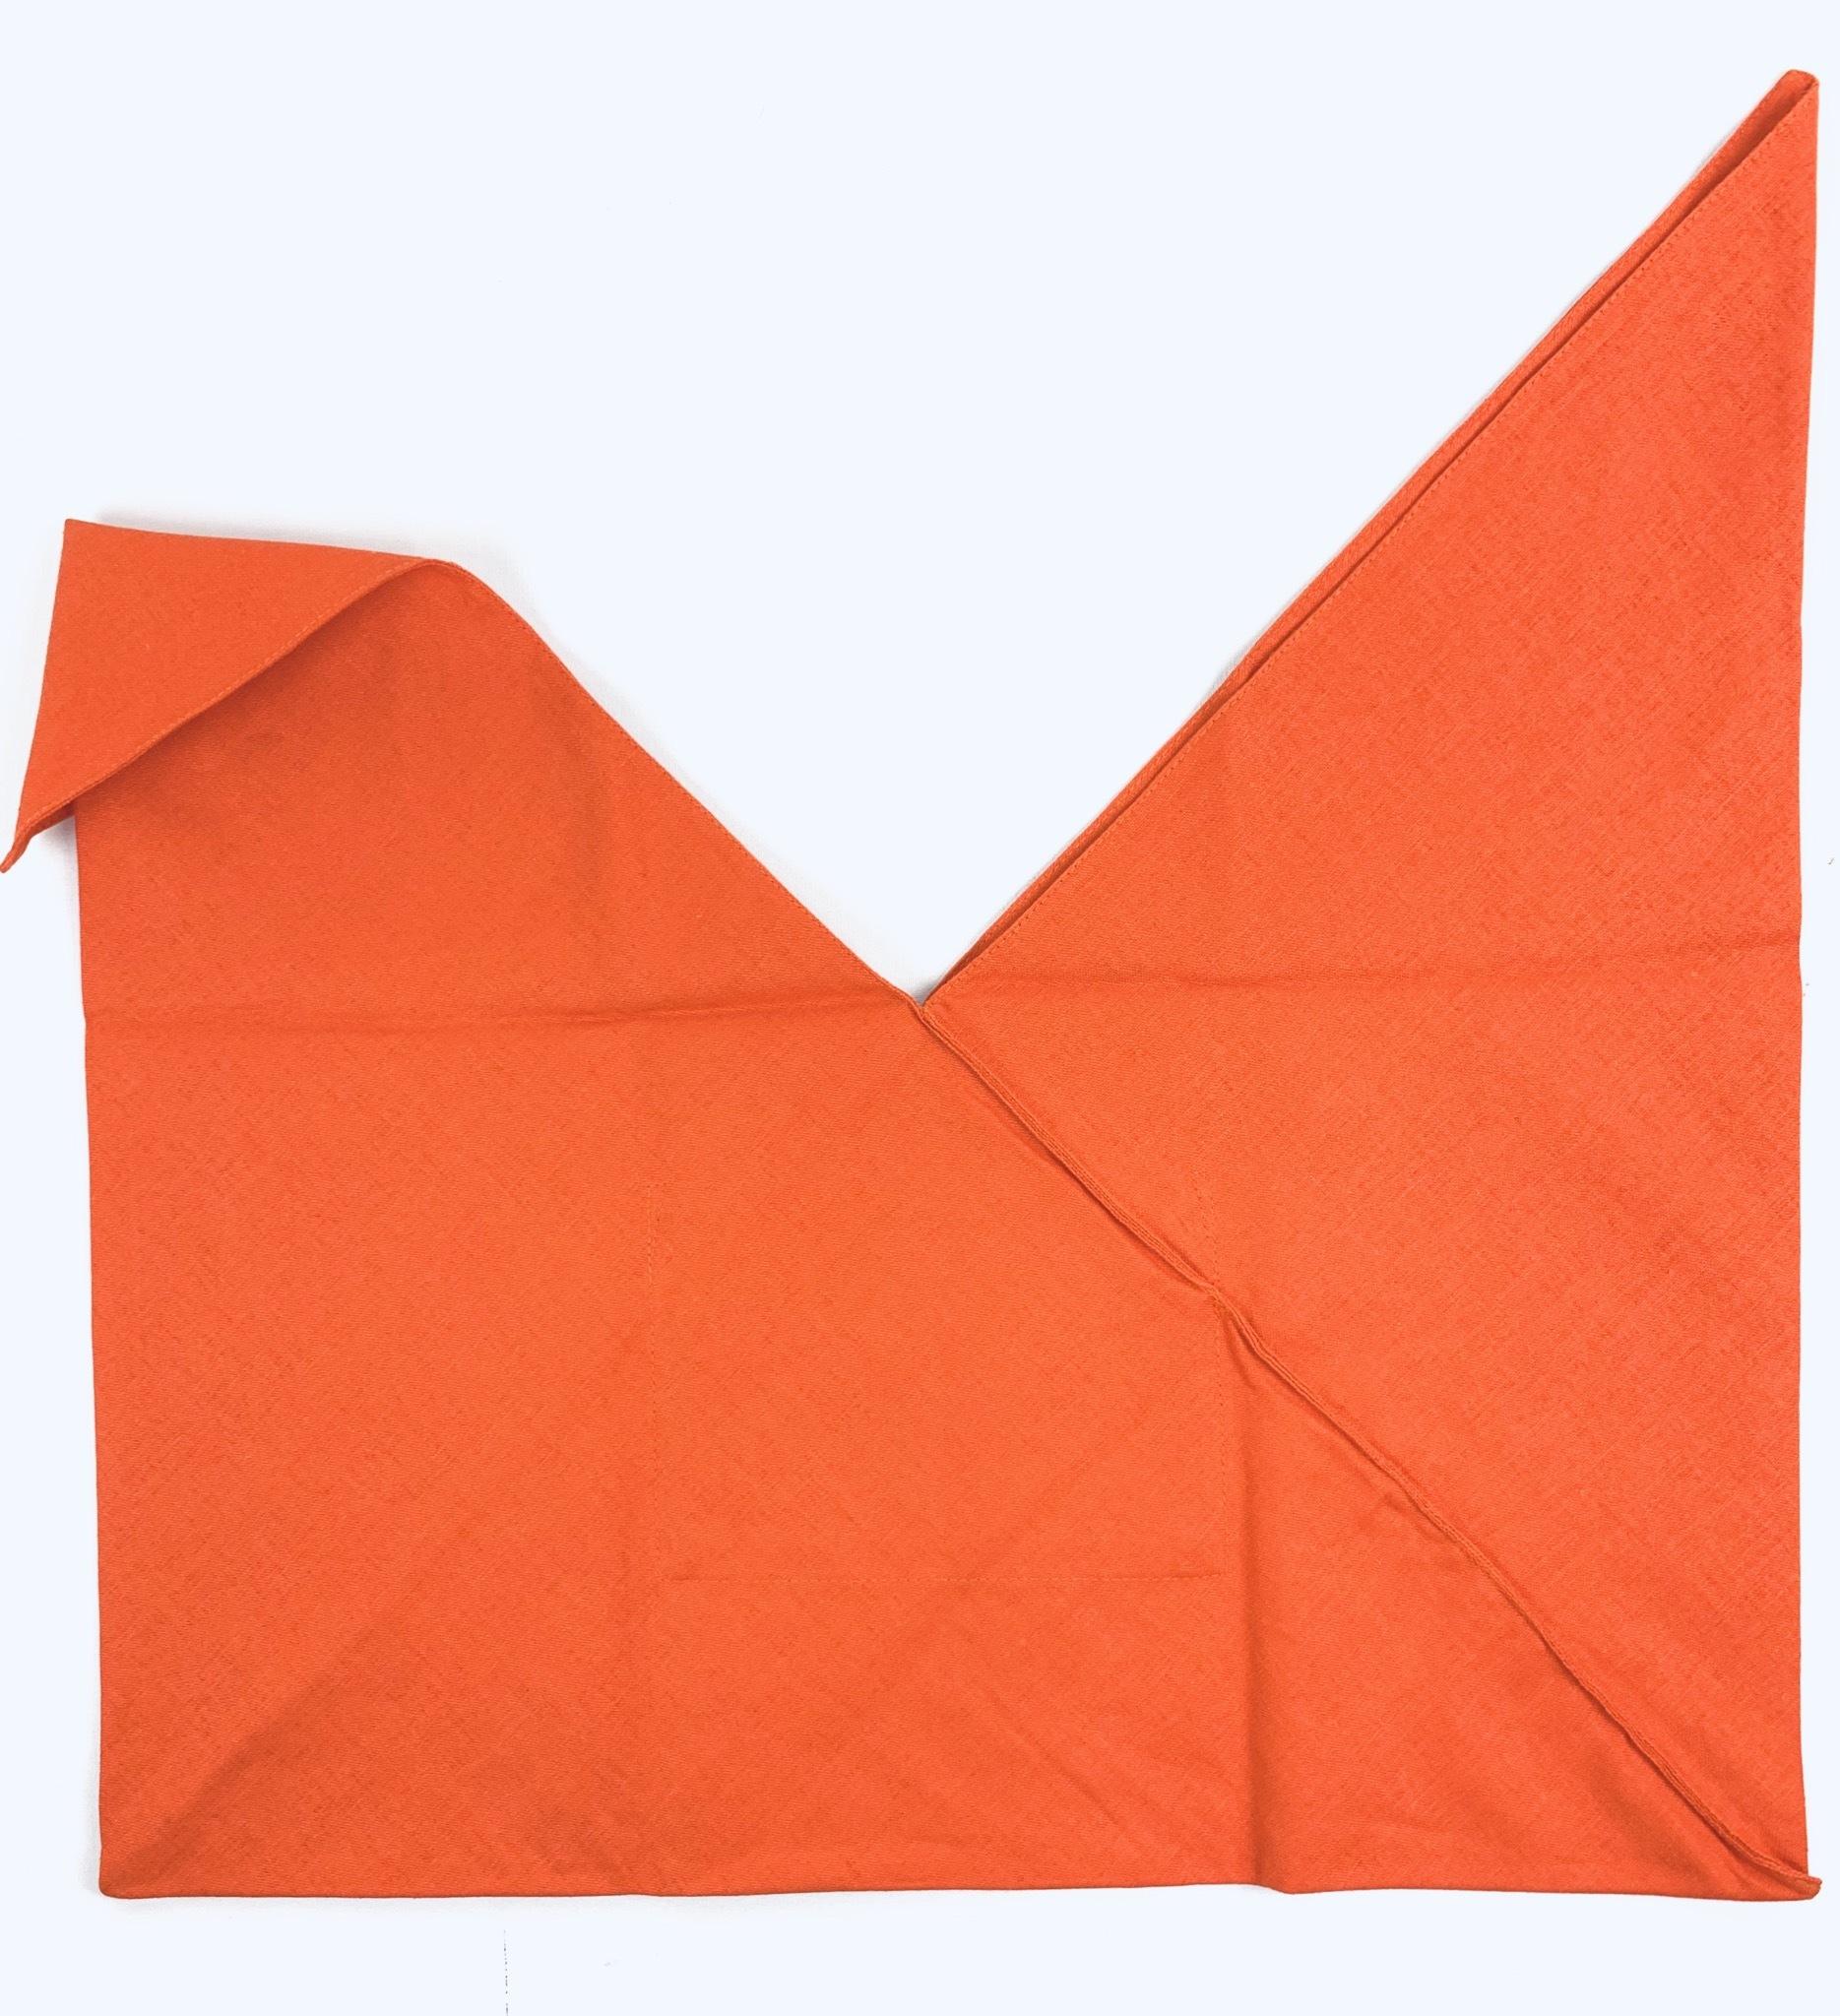 インバッグ モノトーン オレンジ【Sサイズバッグ対応】